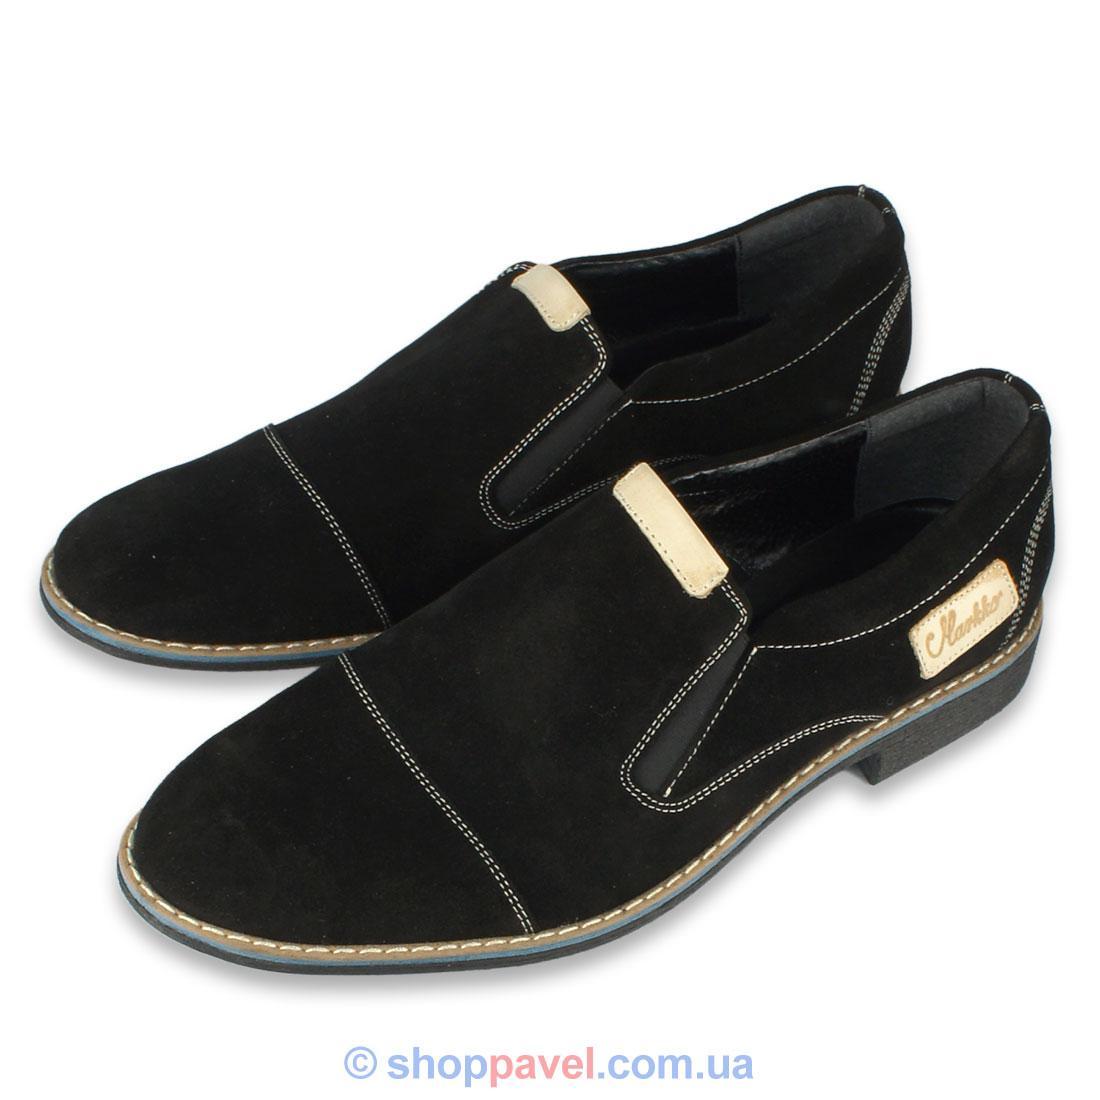 Чоловічі туфлі Markko М-132/N нуб.чорного кольору